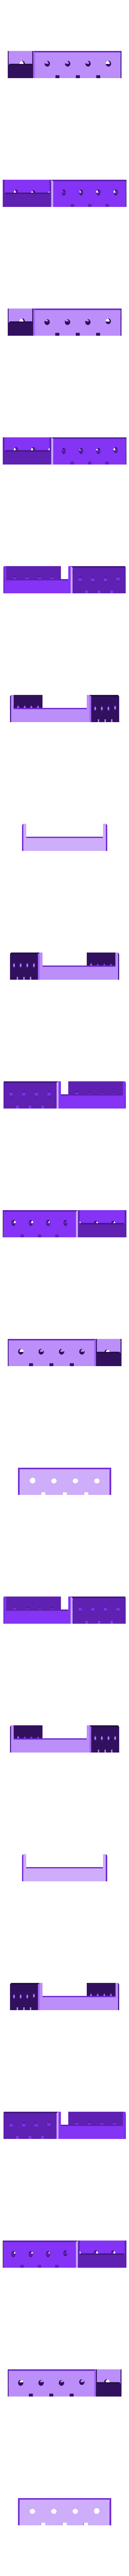 Bat_aaX4.stl Télécharger fichier STL gratuit Porte-piles 4xAA • Modèle imprimable en 3D, seruz00